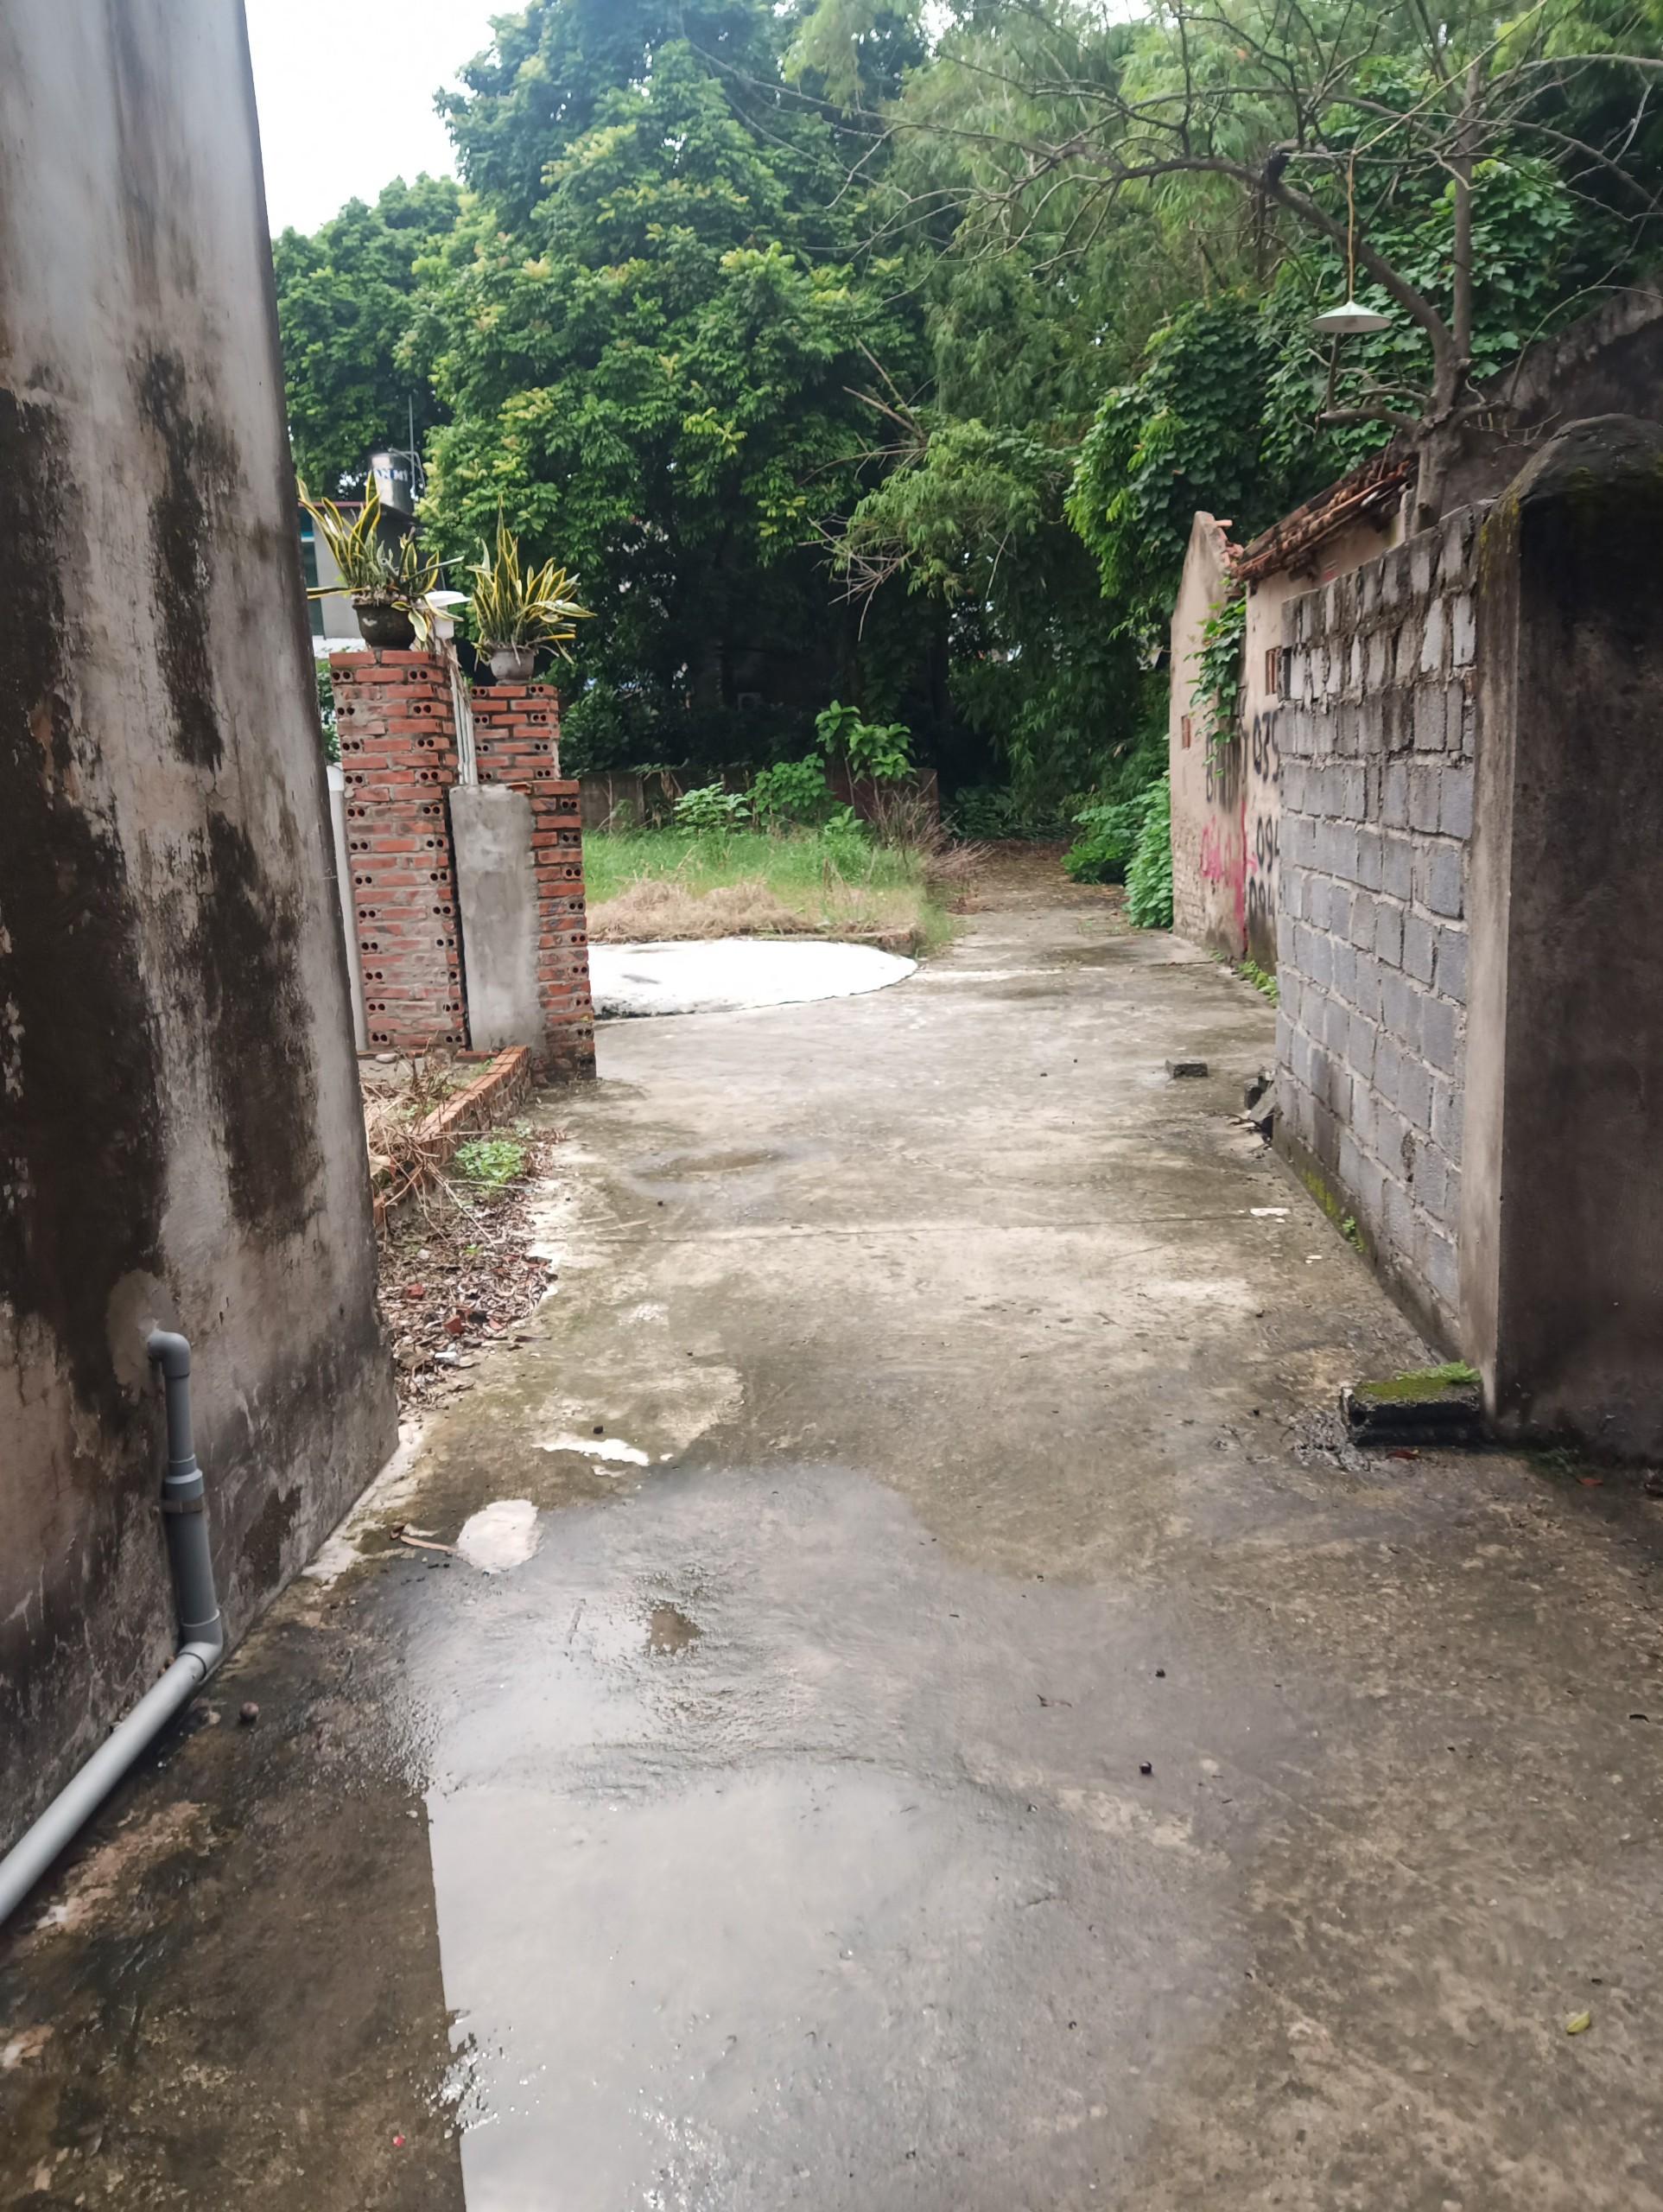 Bán đất Nghĩa Trai, Tân Quang cực đẹp, 65m2, gần sát dự án Vin Đại An, giá tốt, lh 0835459289